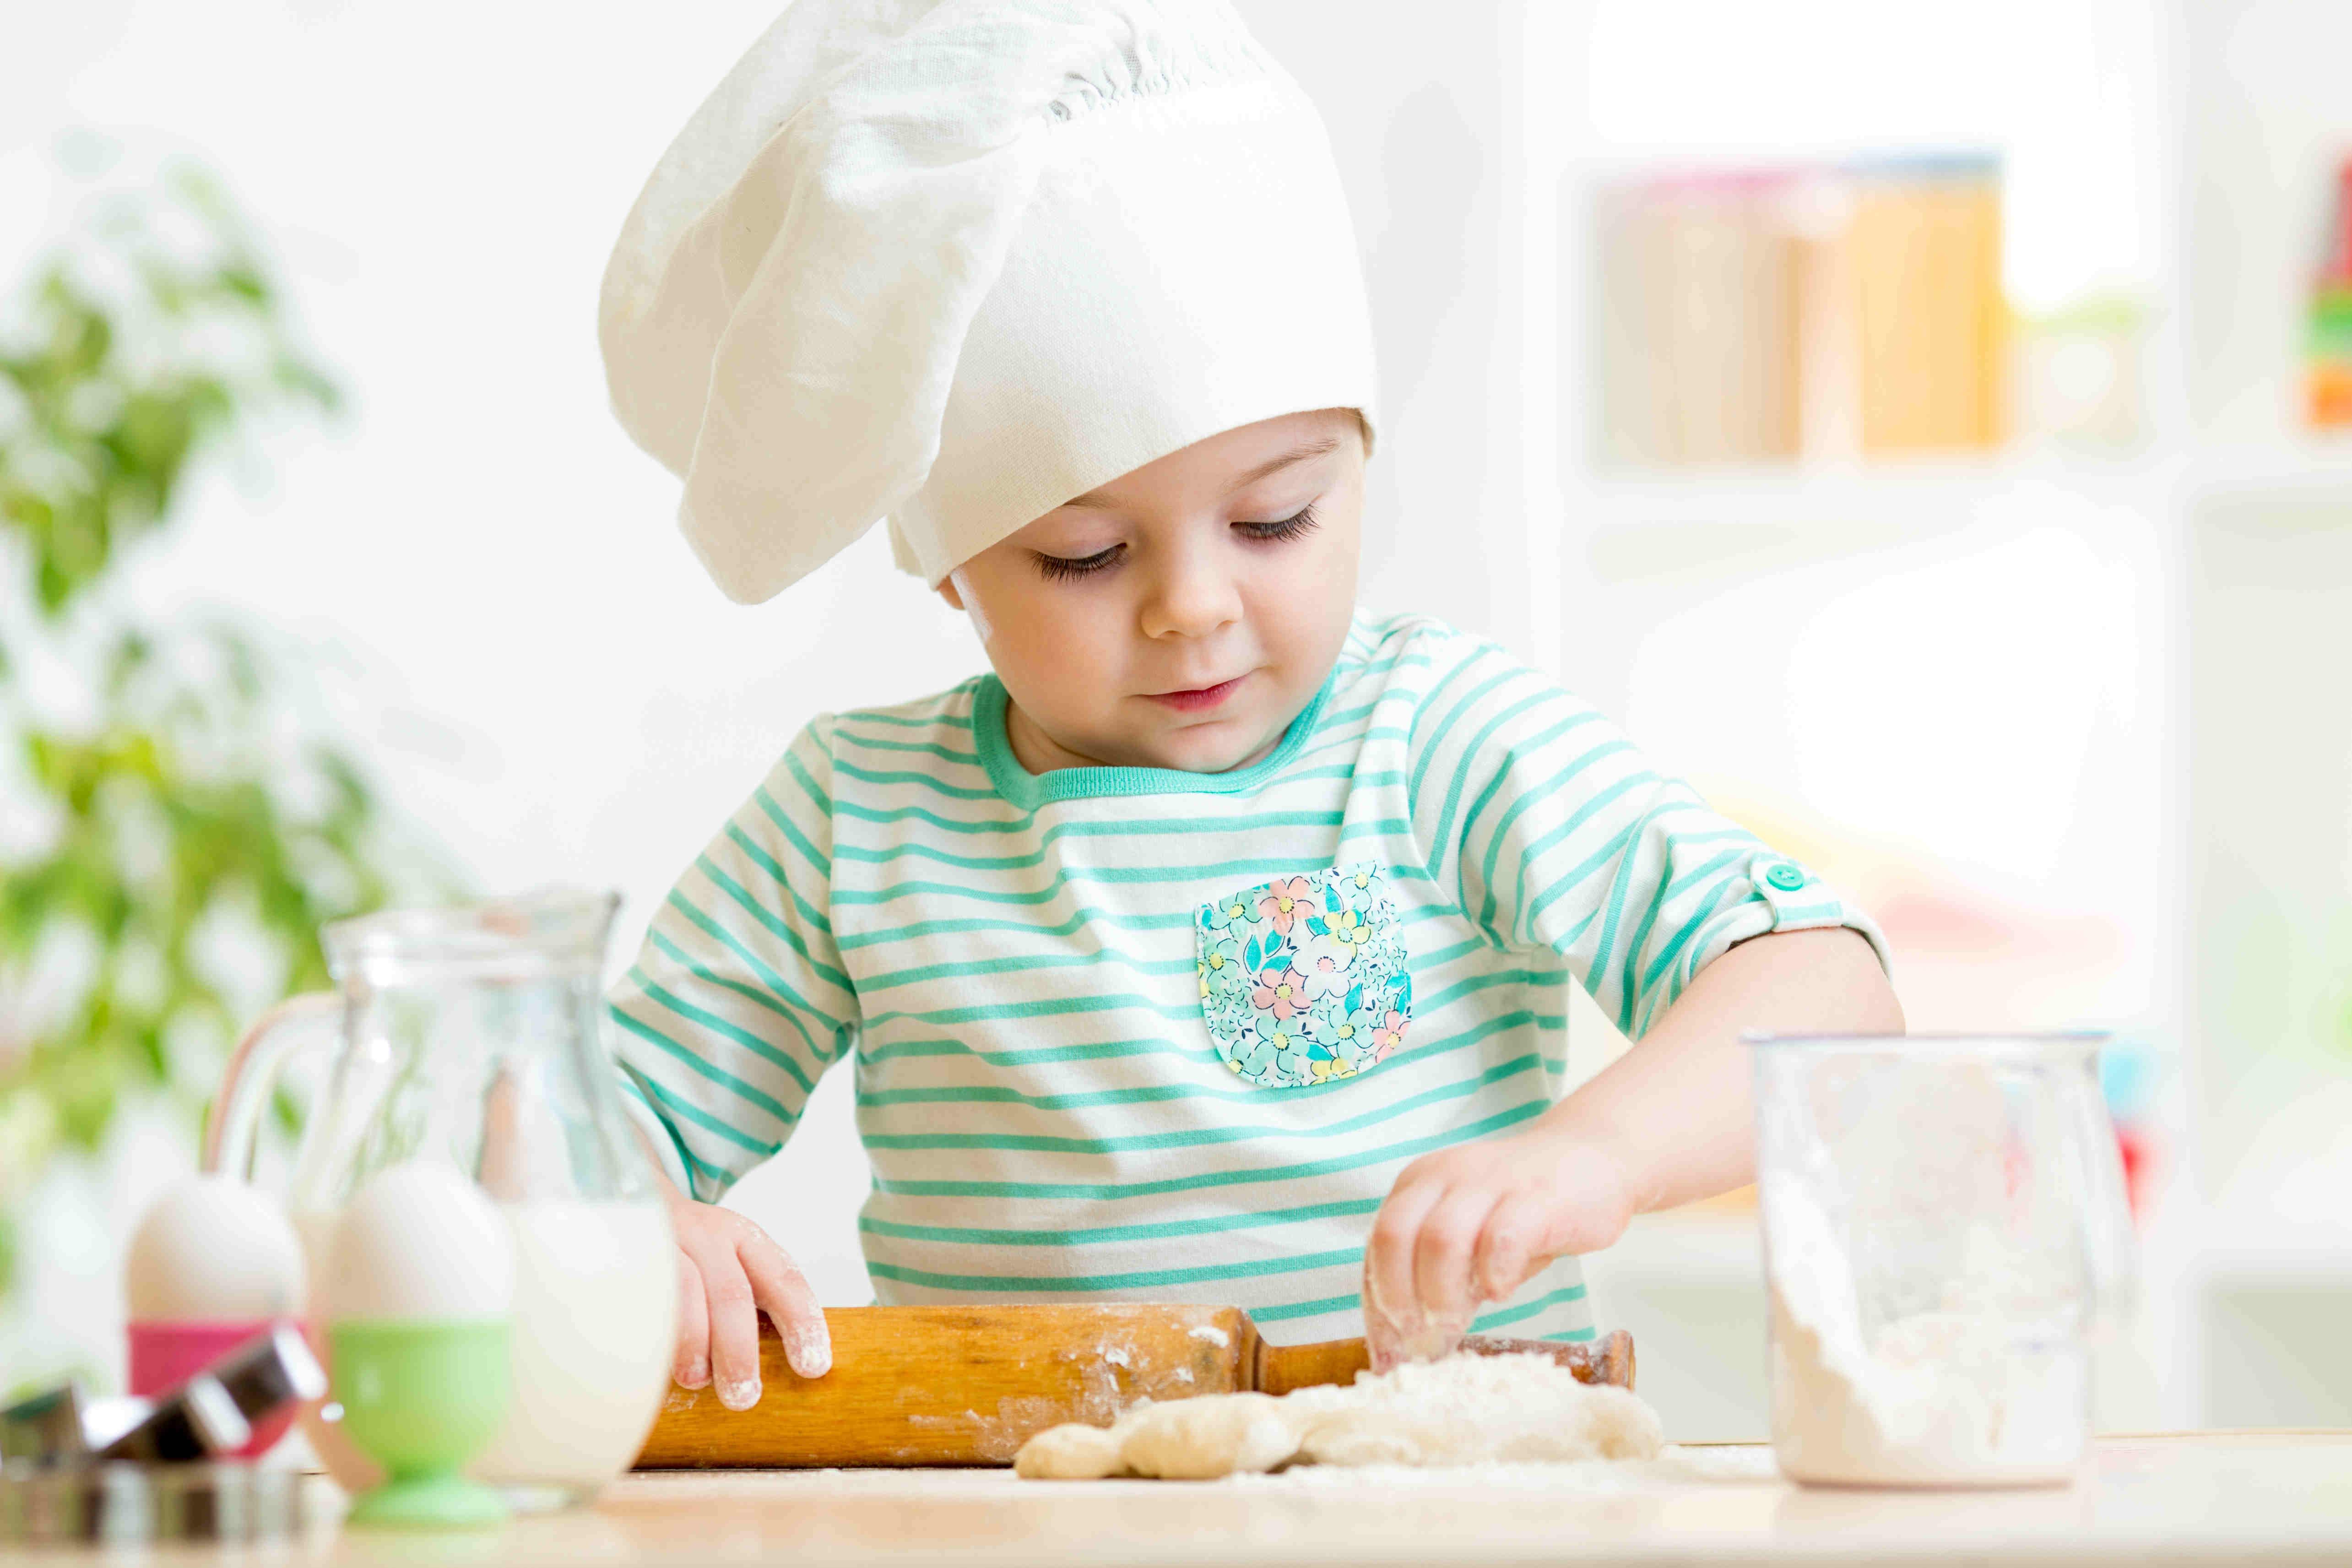 Bambini in cucina - Piccoli pasticcieri di fine estate